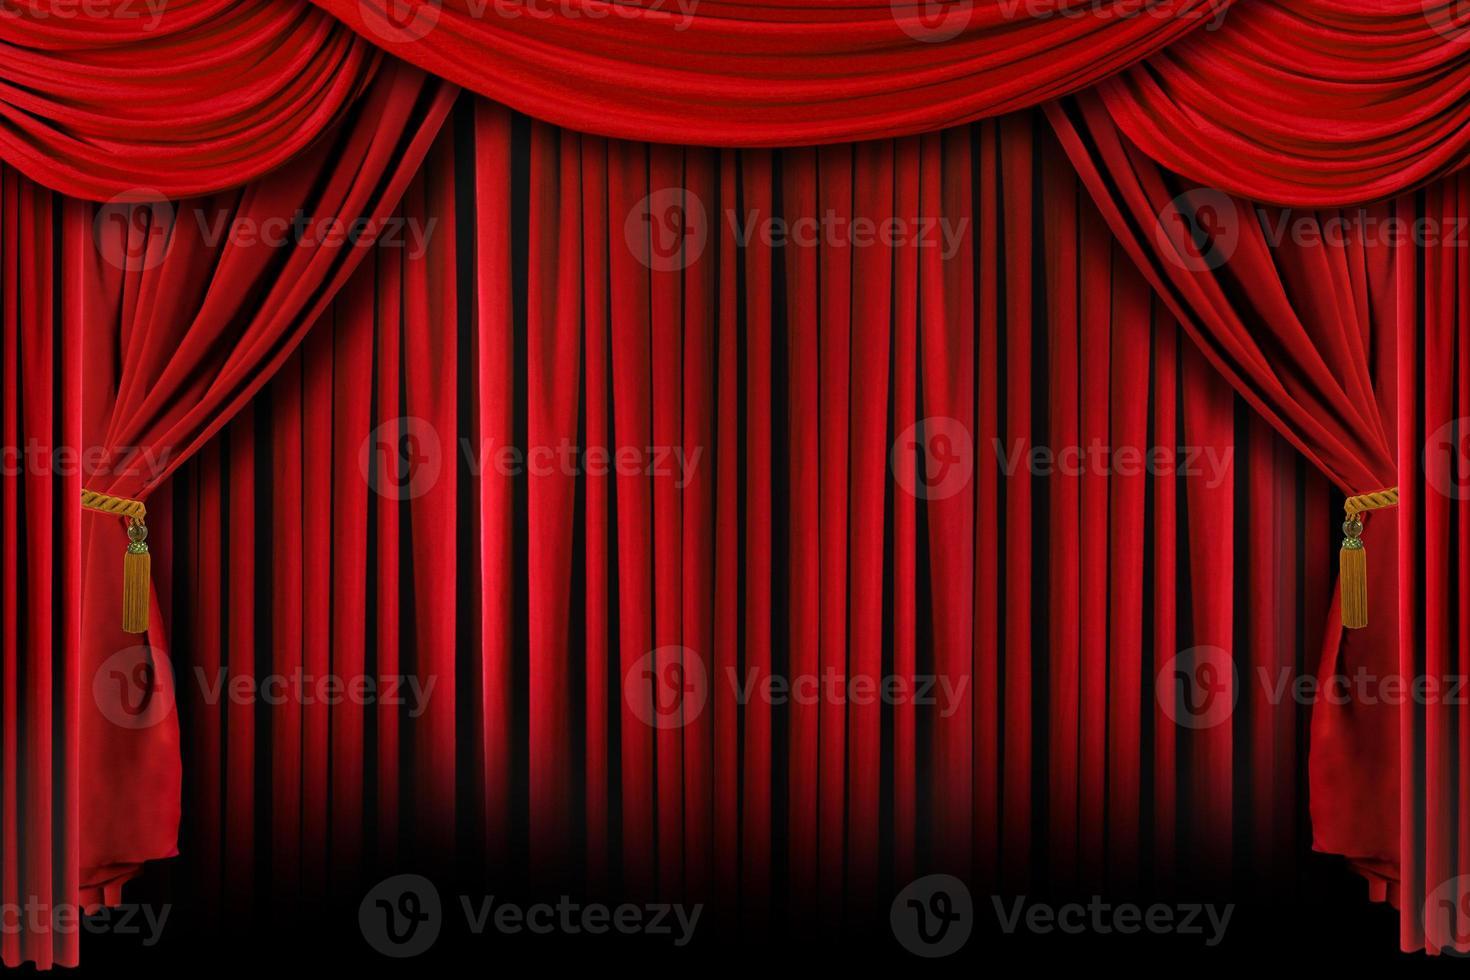 rideaux rouges avec des ombres profondes photo